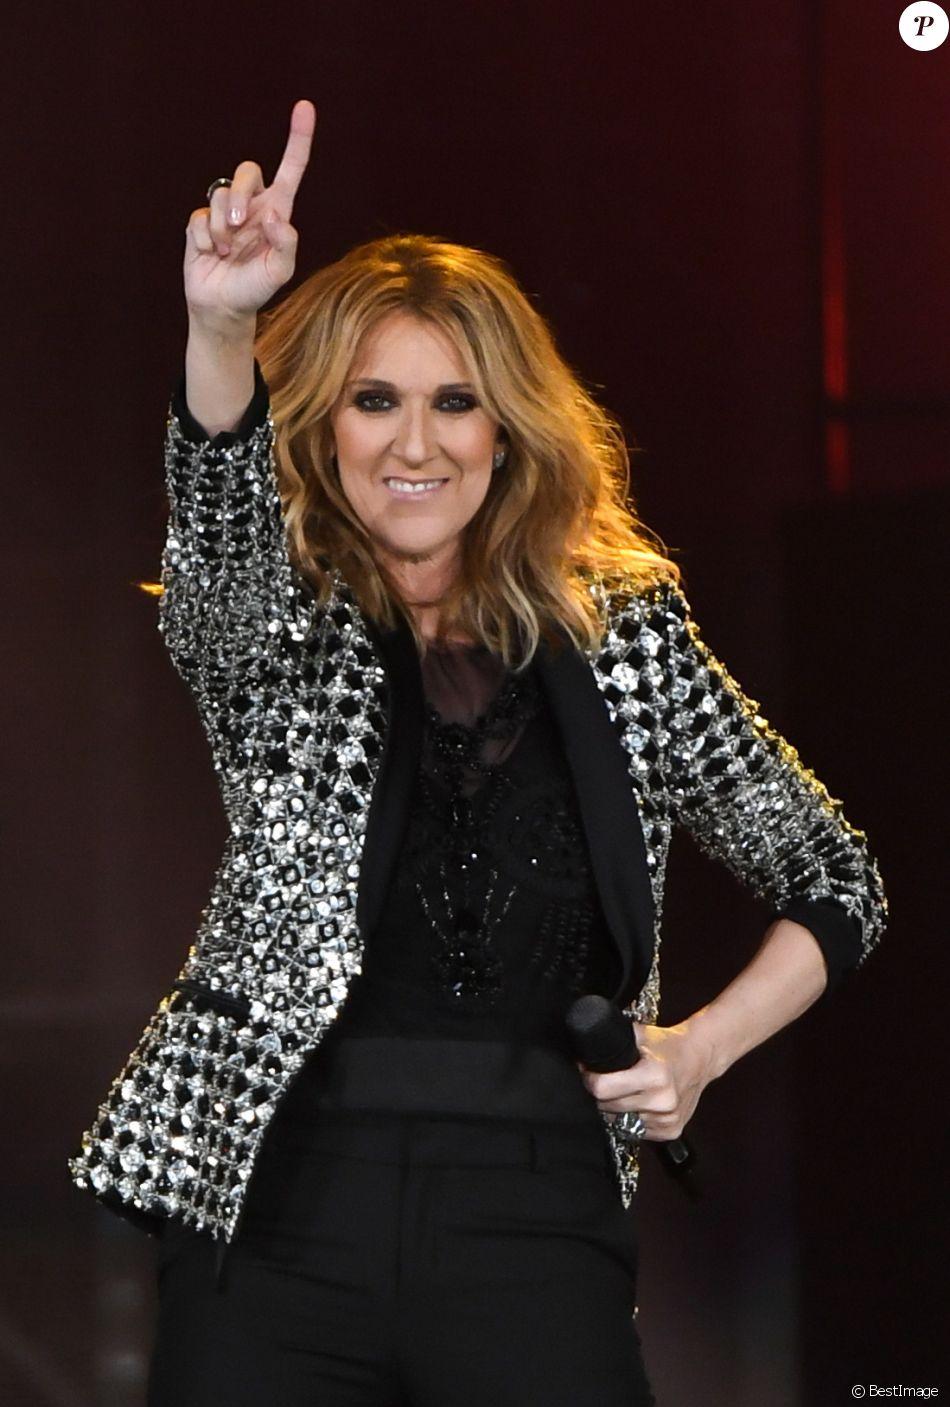 Céline Dion en concert à l'AccorHotels Arena, Paris, le 4 juillet 2017. © Lionel Urman/Bestimage